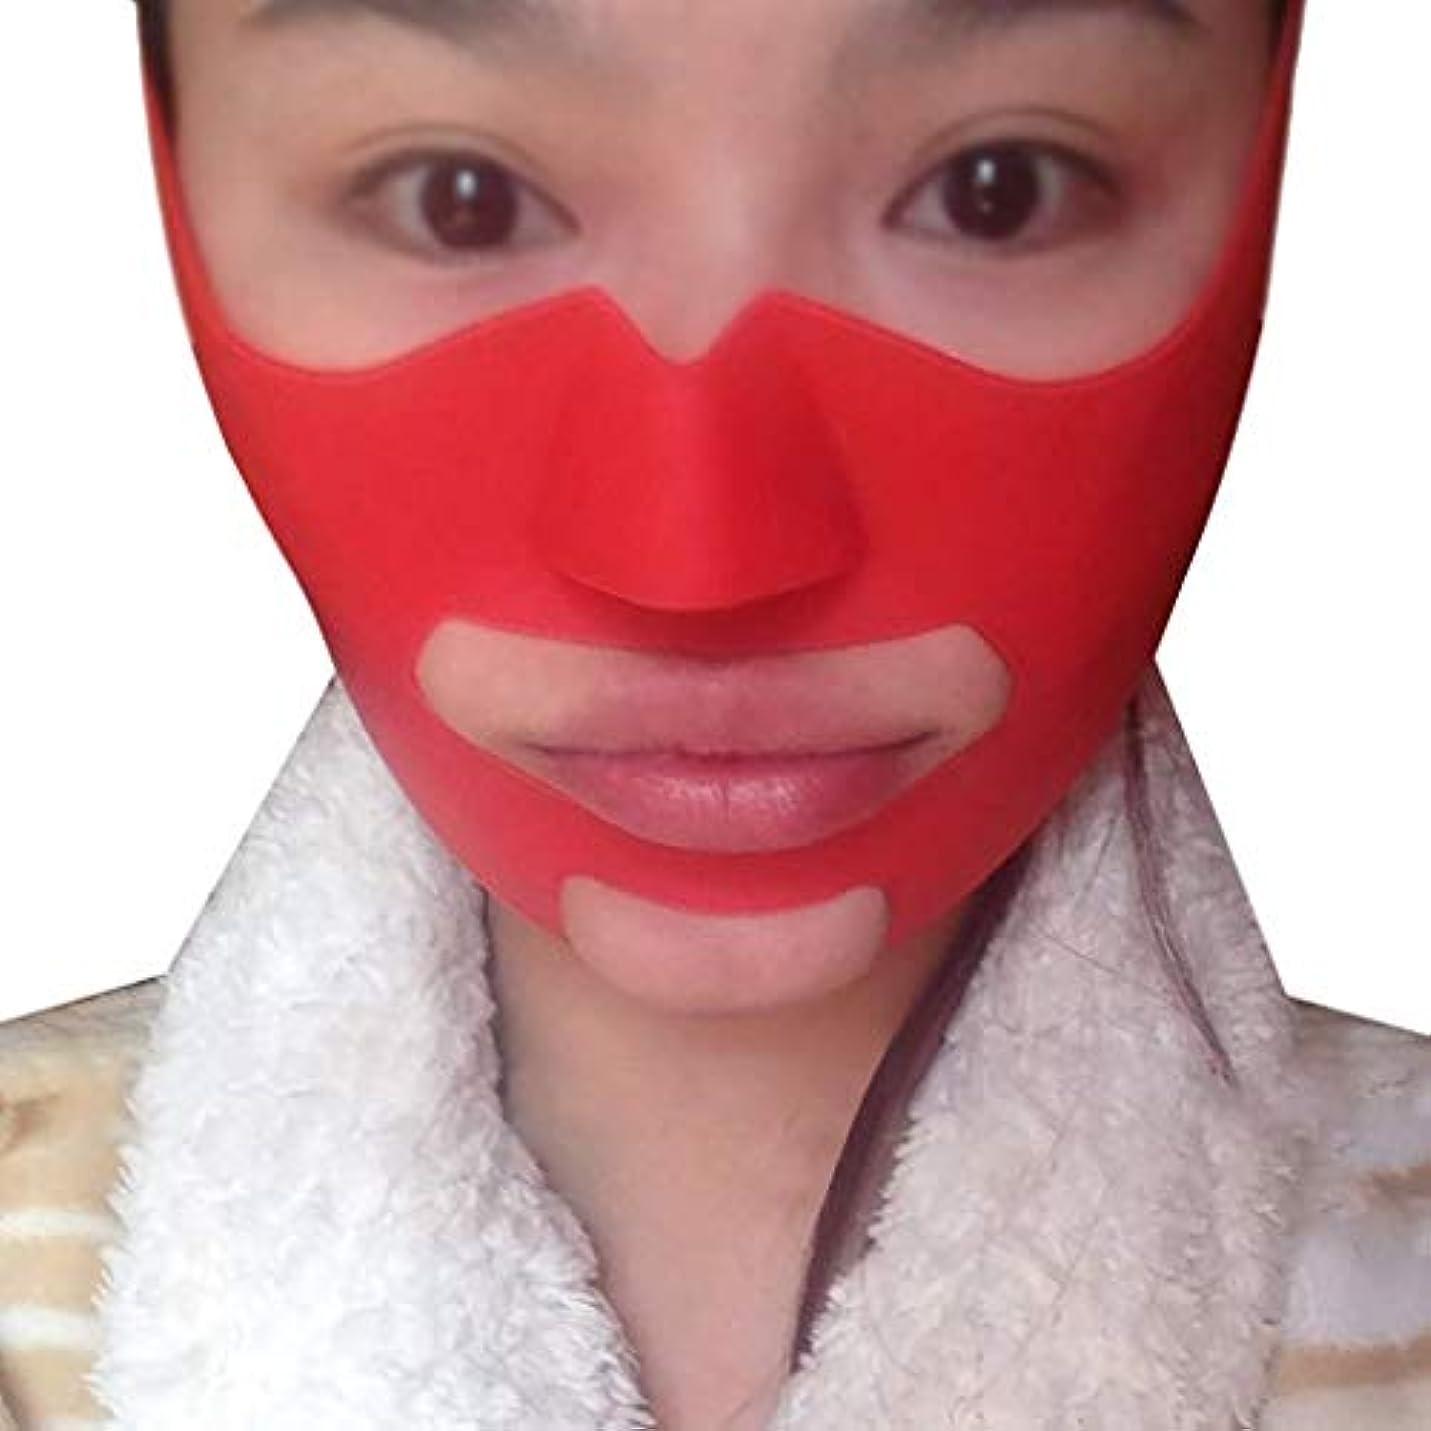 ミスペンド惑星ナット美容と実用的なフェイスリフトマスク、シリコンVフェイスマスクフェイスマスク強力な薄い咬筋筋肉リフトApple筋肉パターンアーティファクト小さなV顔包帯顔と首リフト